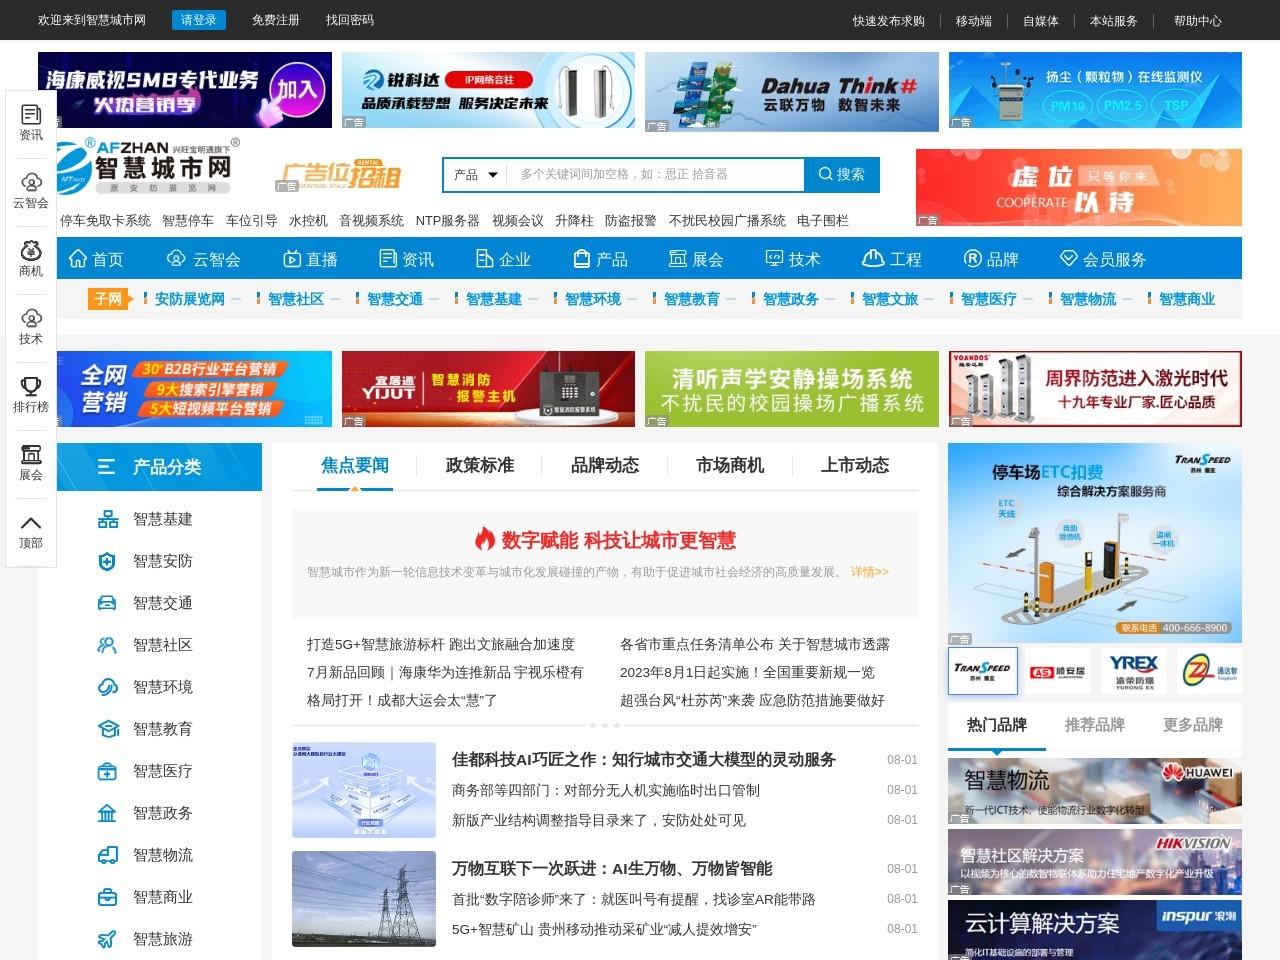 安防展览网_安防网,安防行业B2B平台和网络媒体